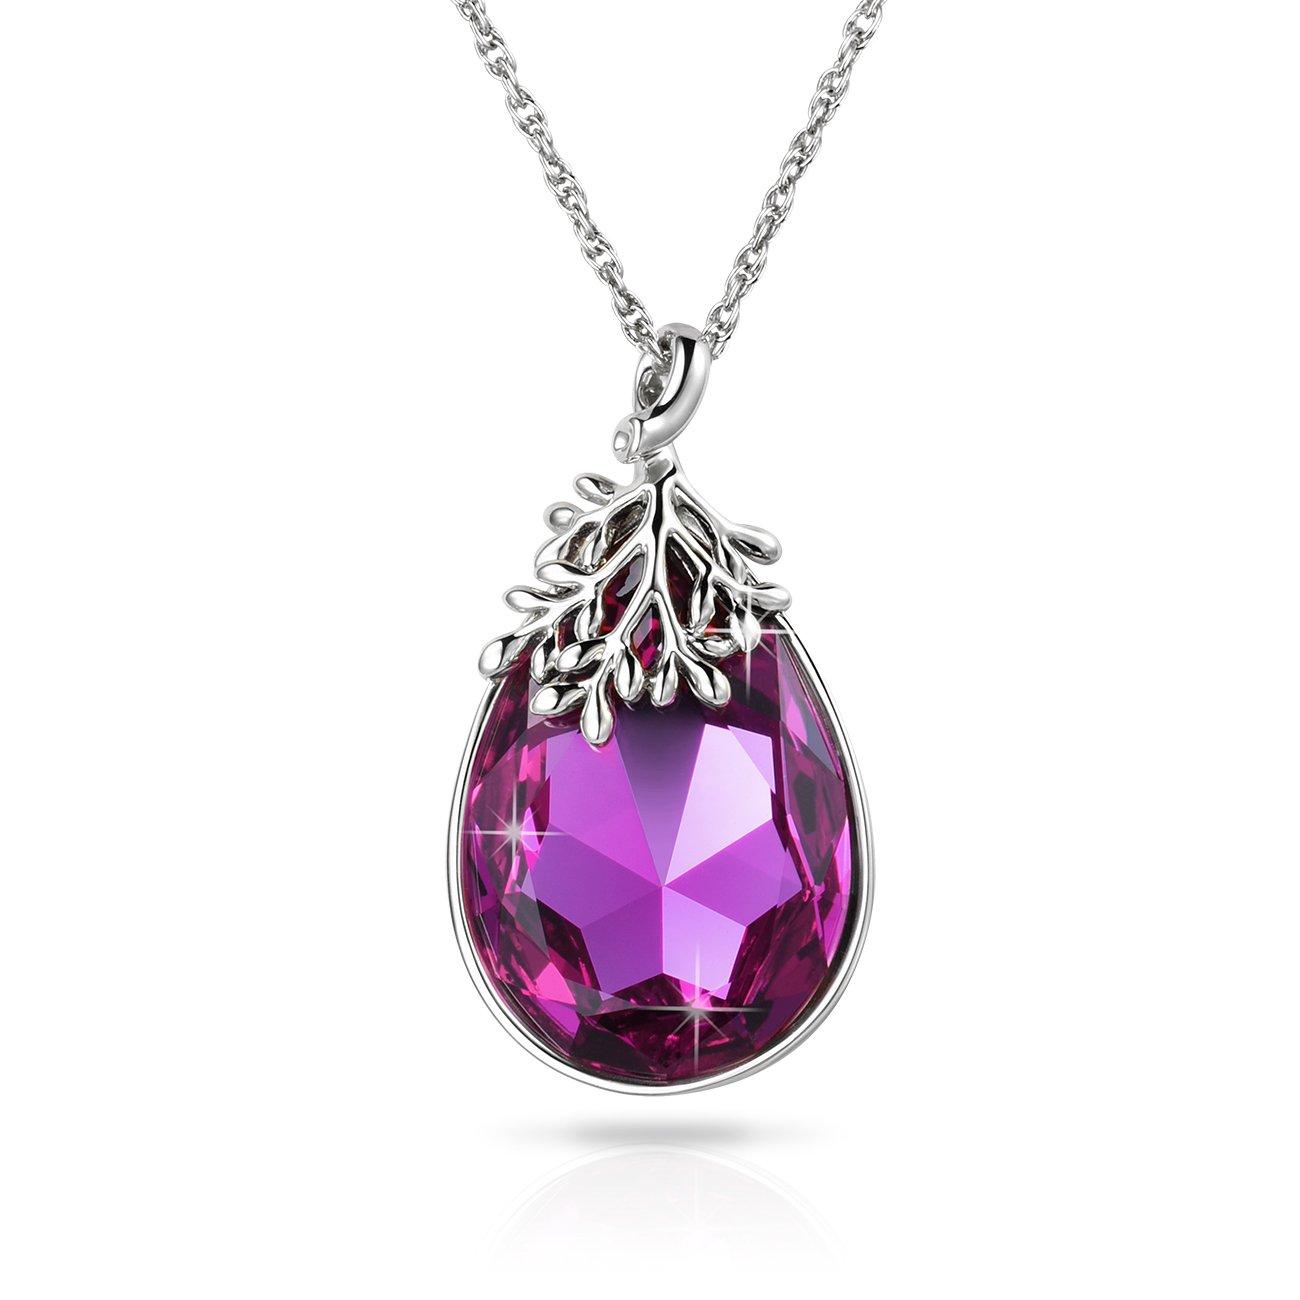 Alantyer Women's Jewelry Waterdrop Pendant Necklace Aquamarine Swarovski Crystal Jewelry Gifts for Women Girls, Lucky Olive Leaf Alantyer Jewelry Crystals from Swarovski ALN-16N005